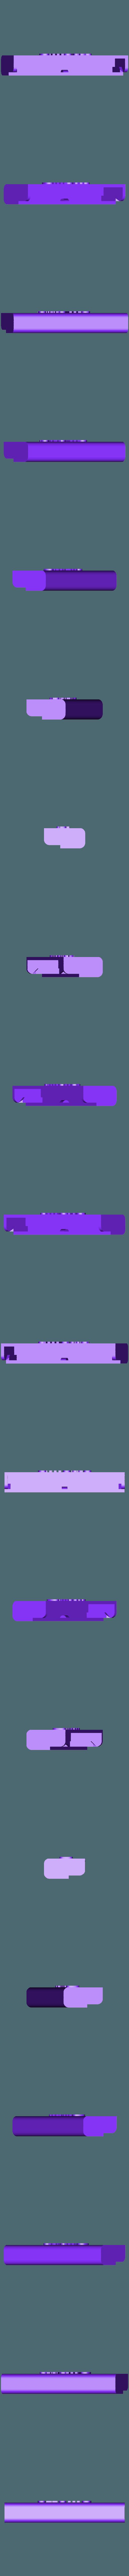 GilletteCap_LogoV1.stl Télécharger fichier STL gratuit Couverture de lame de rasoir pour le rasoir Gillette Mach 3 Sensitive Power • Plan pour imprimante 3D, Milan_Gajic